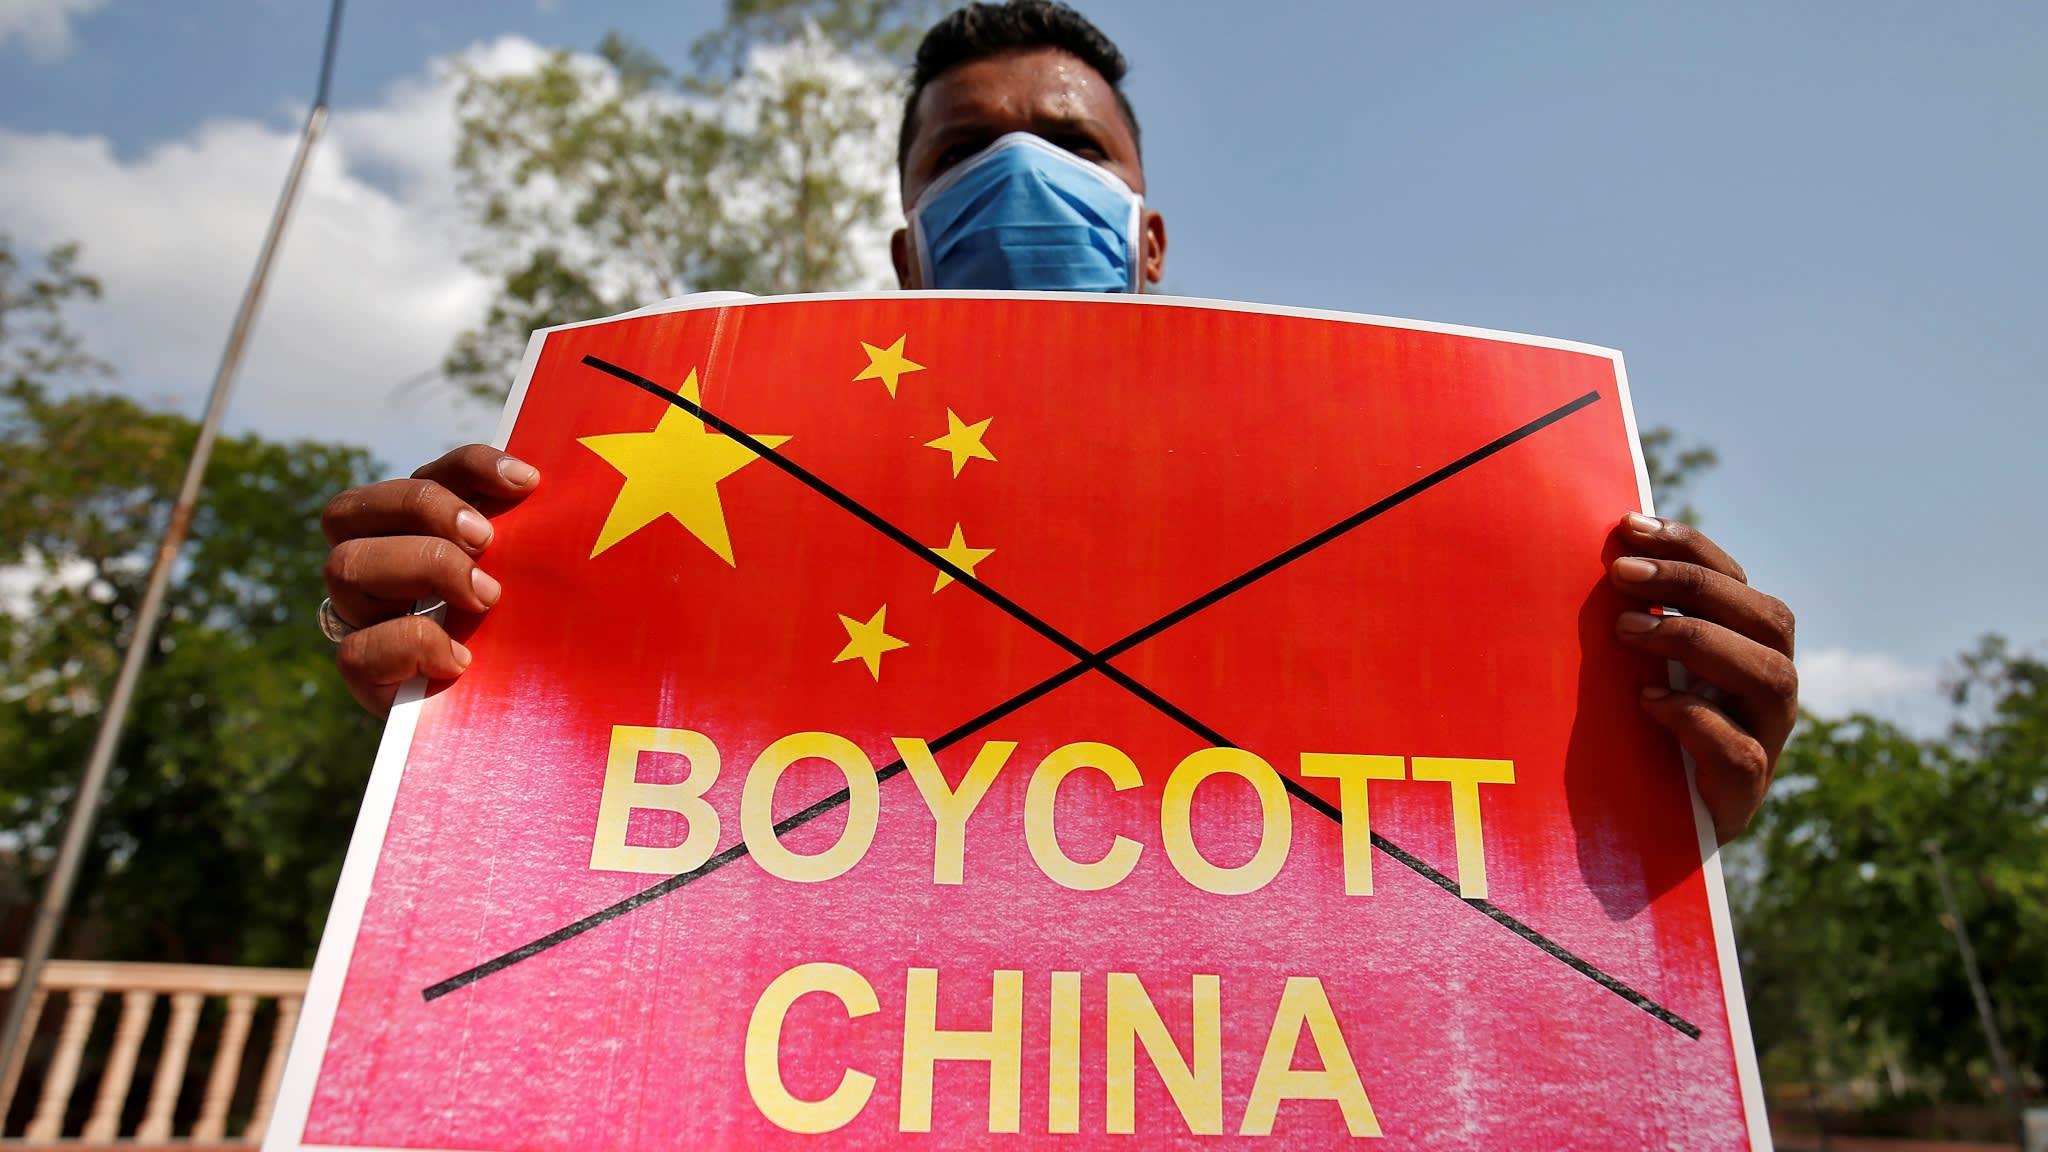 Ấn Độ cấm sử dụng thiết bị viễn thông của Huawei và tất cả công ty Trung Quốc để trả đũa